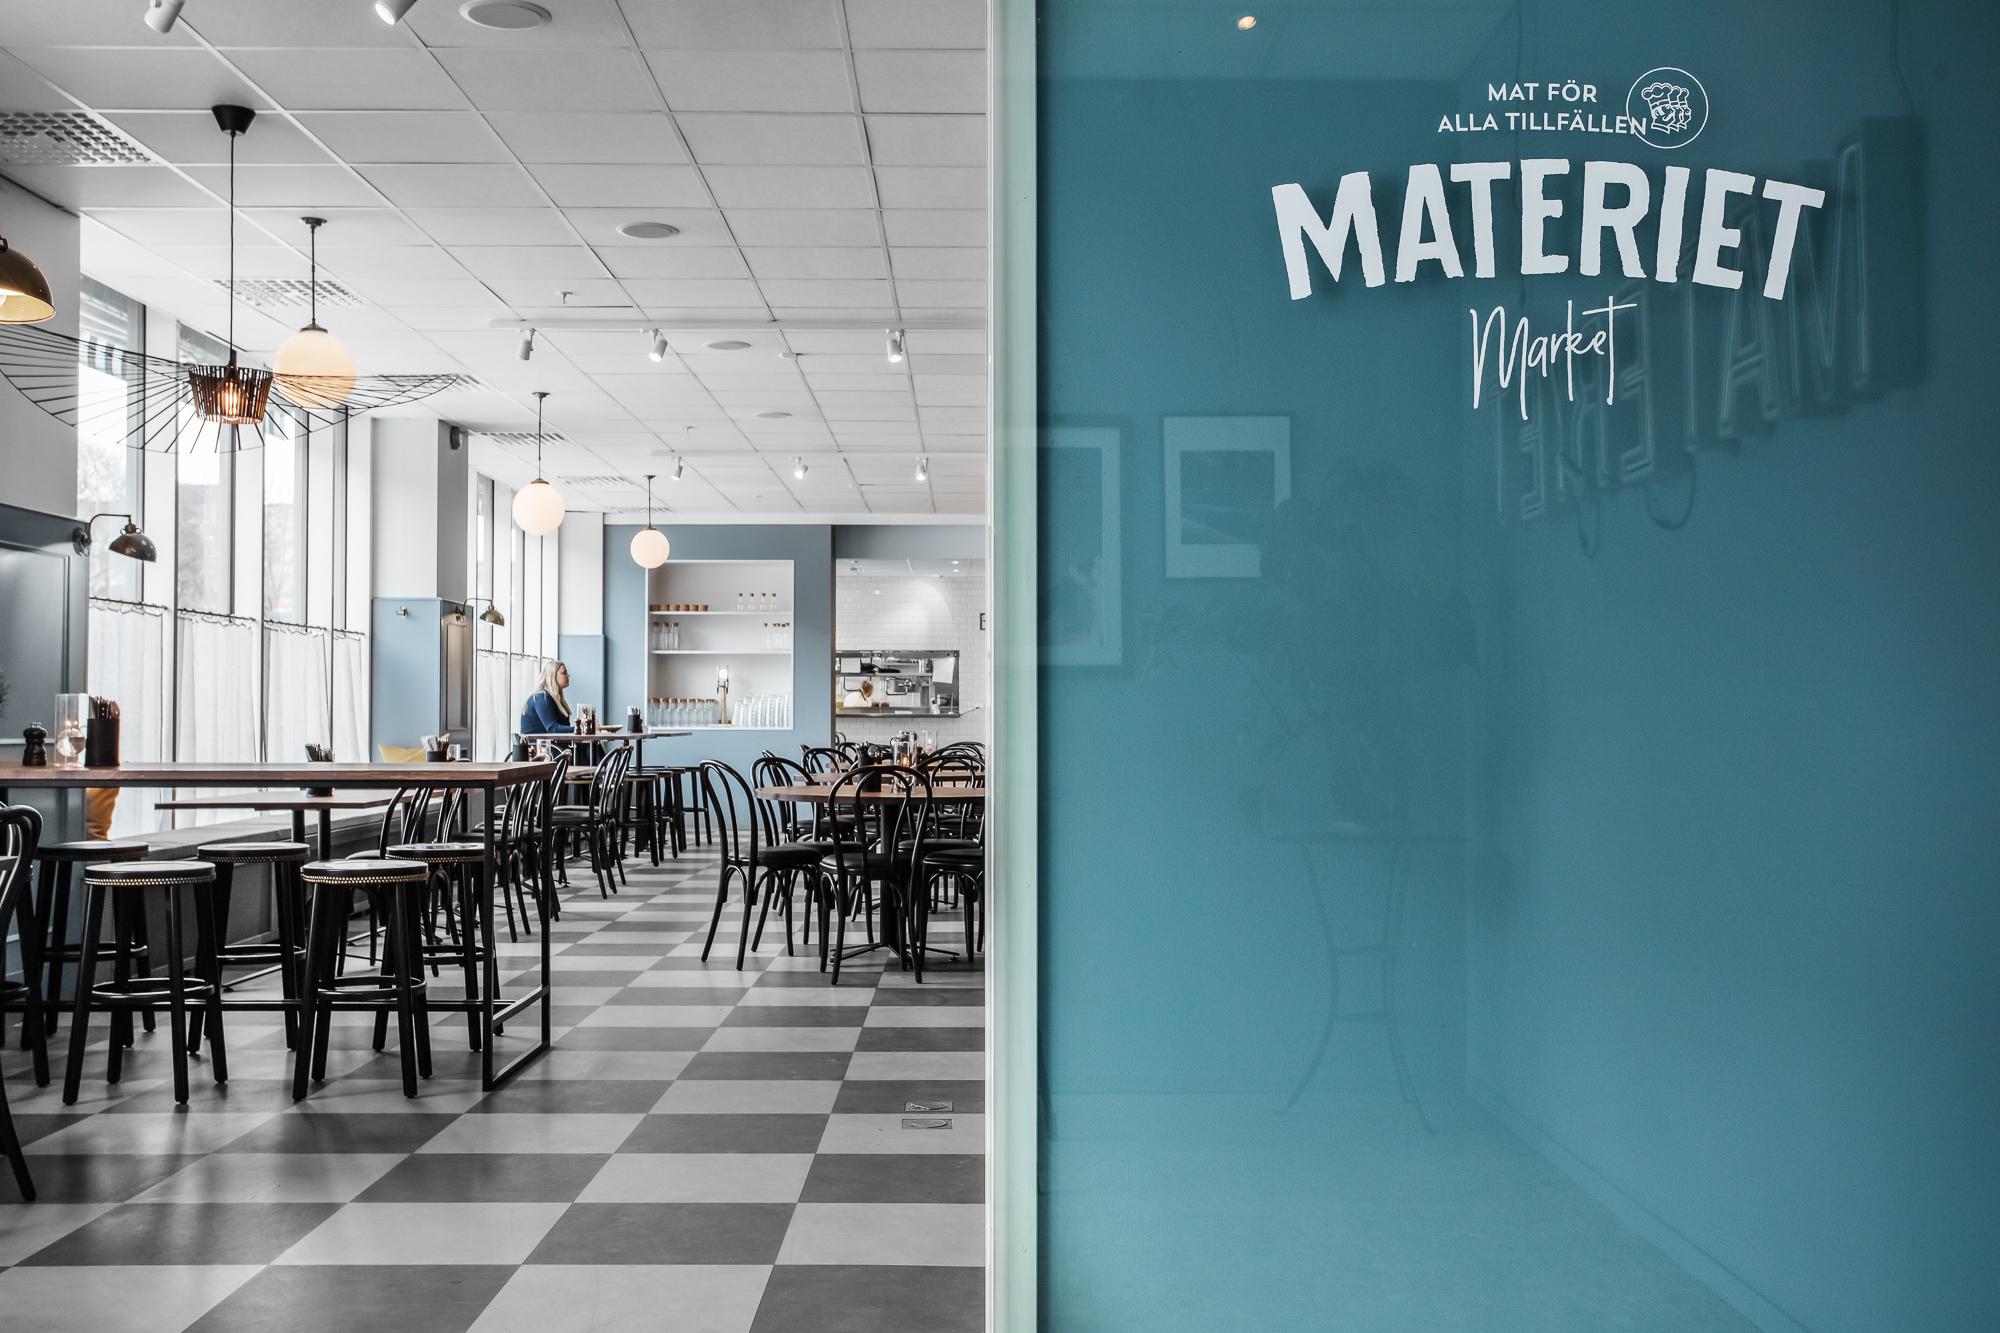 Web-Materiet03-18-1969-Edit_bokningar_mtg.jpg